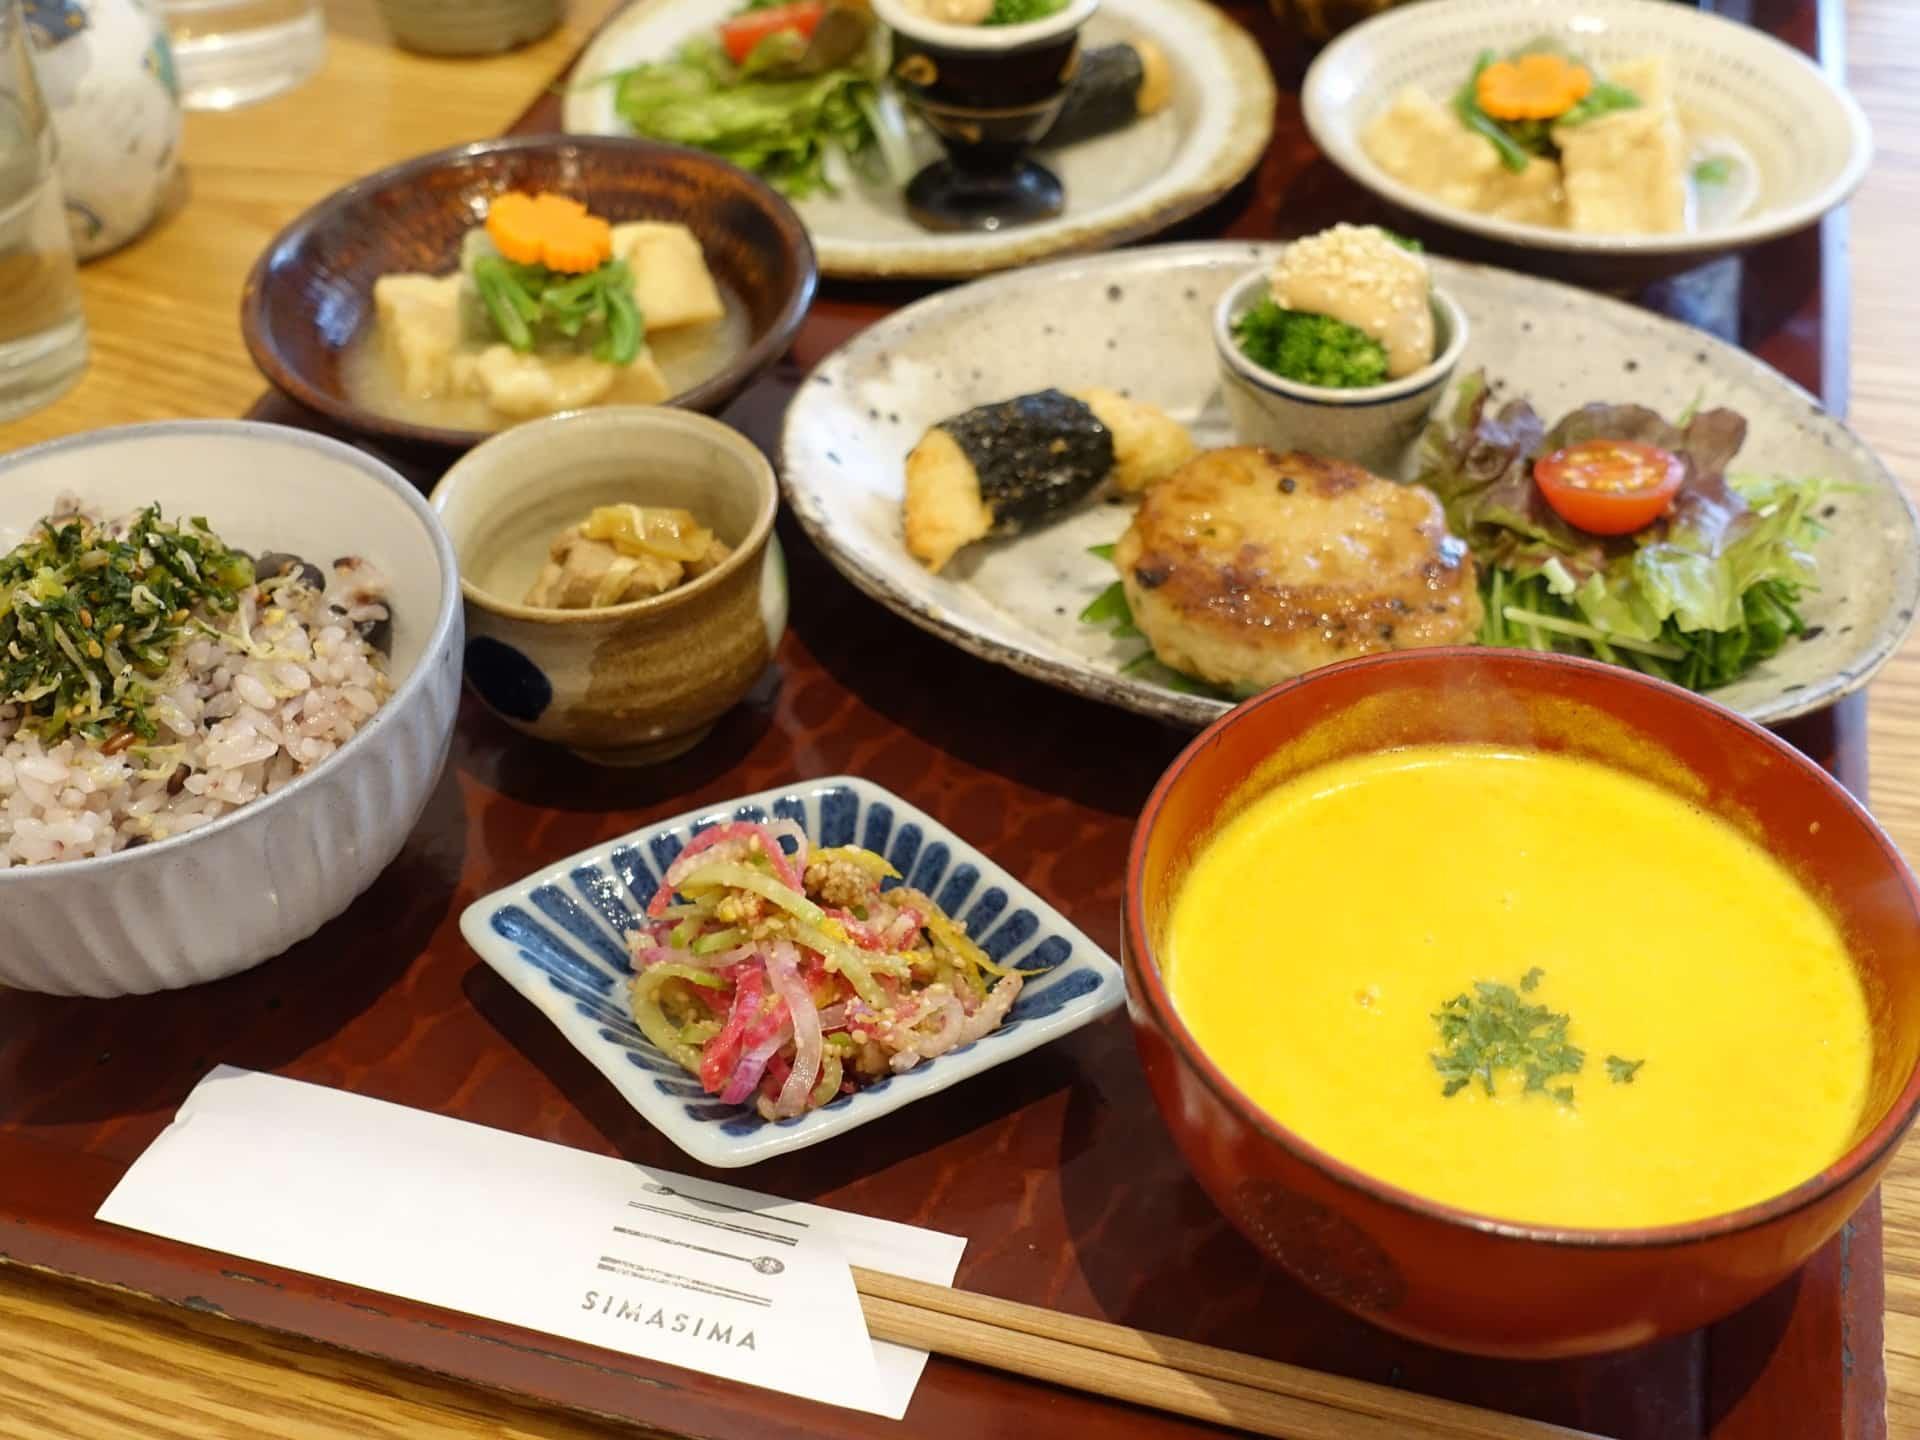 SIMA SIMA(シマシマ) − 本当は秘密にしたい神戸のカフェ。限定ランチが大人気で一度行くとファンになっちゃう